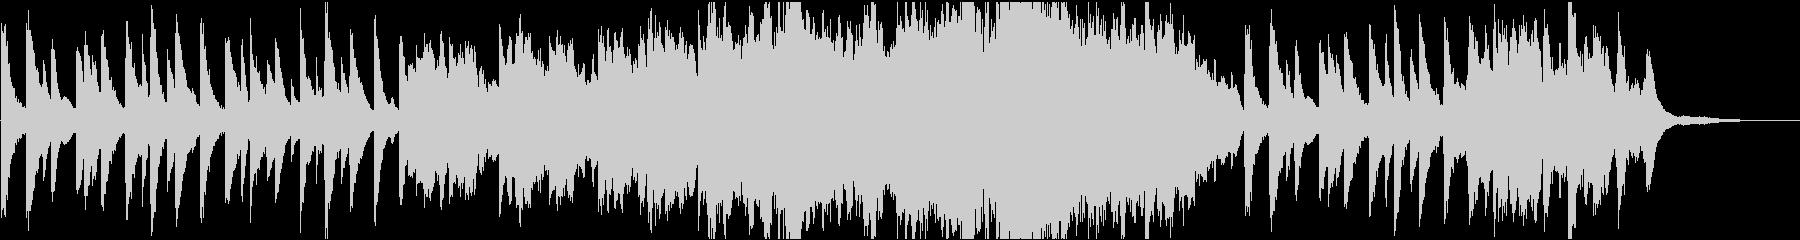 ドラマ6 16bit48kHzVerの未再生の波形